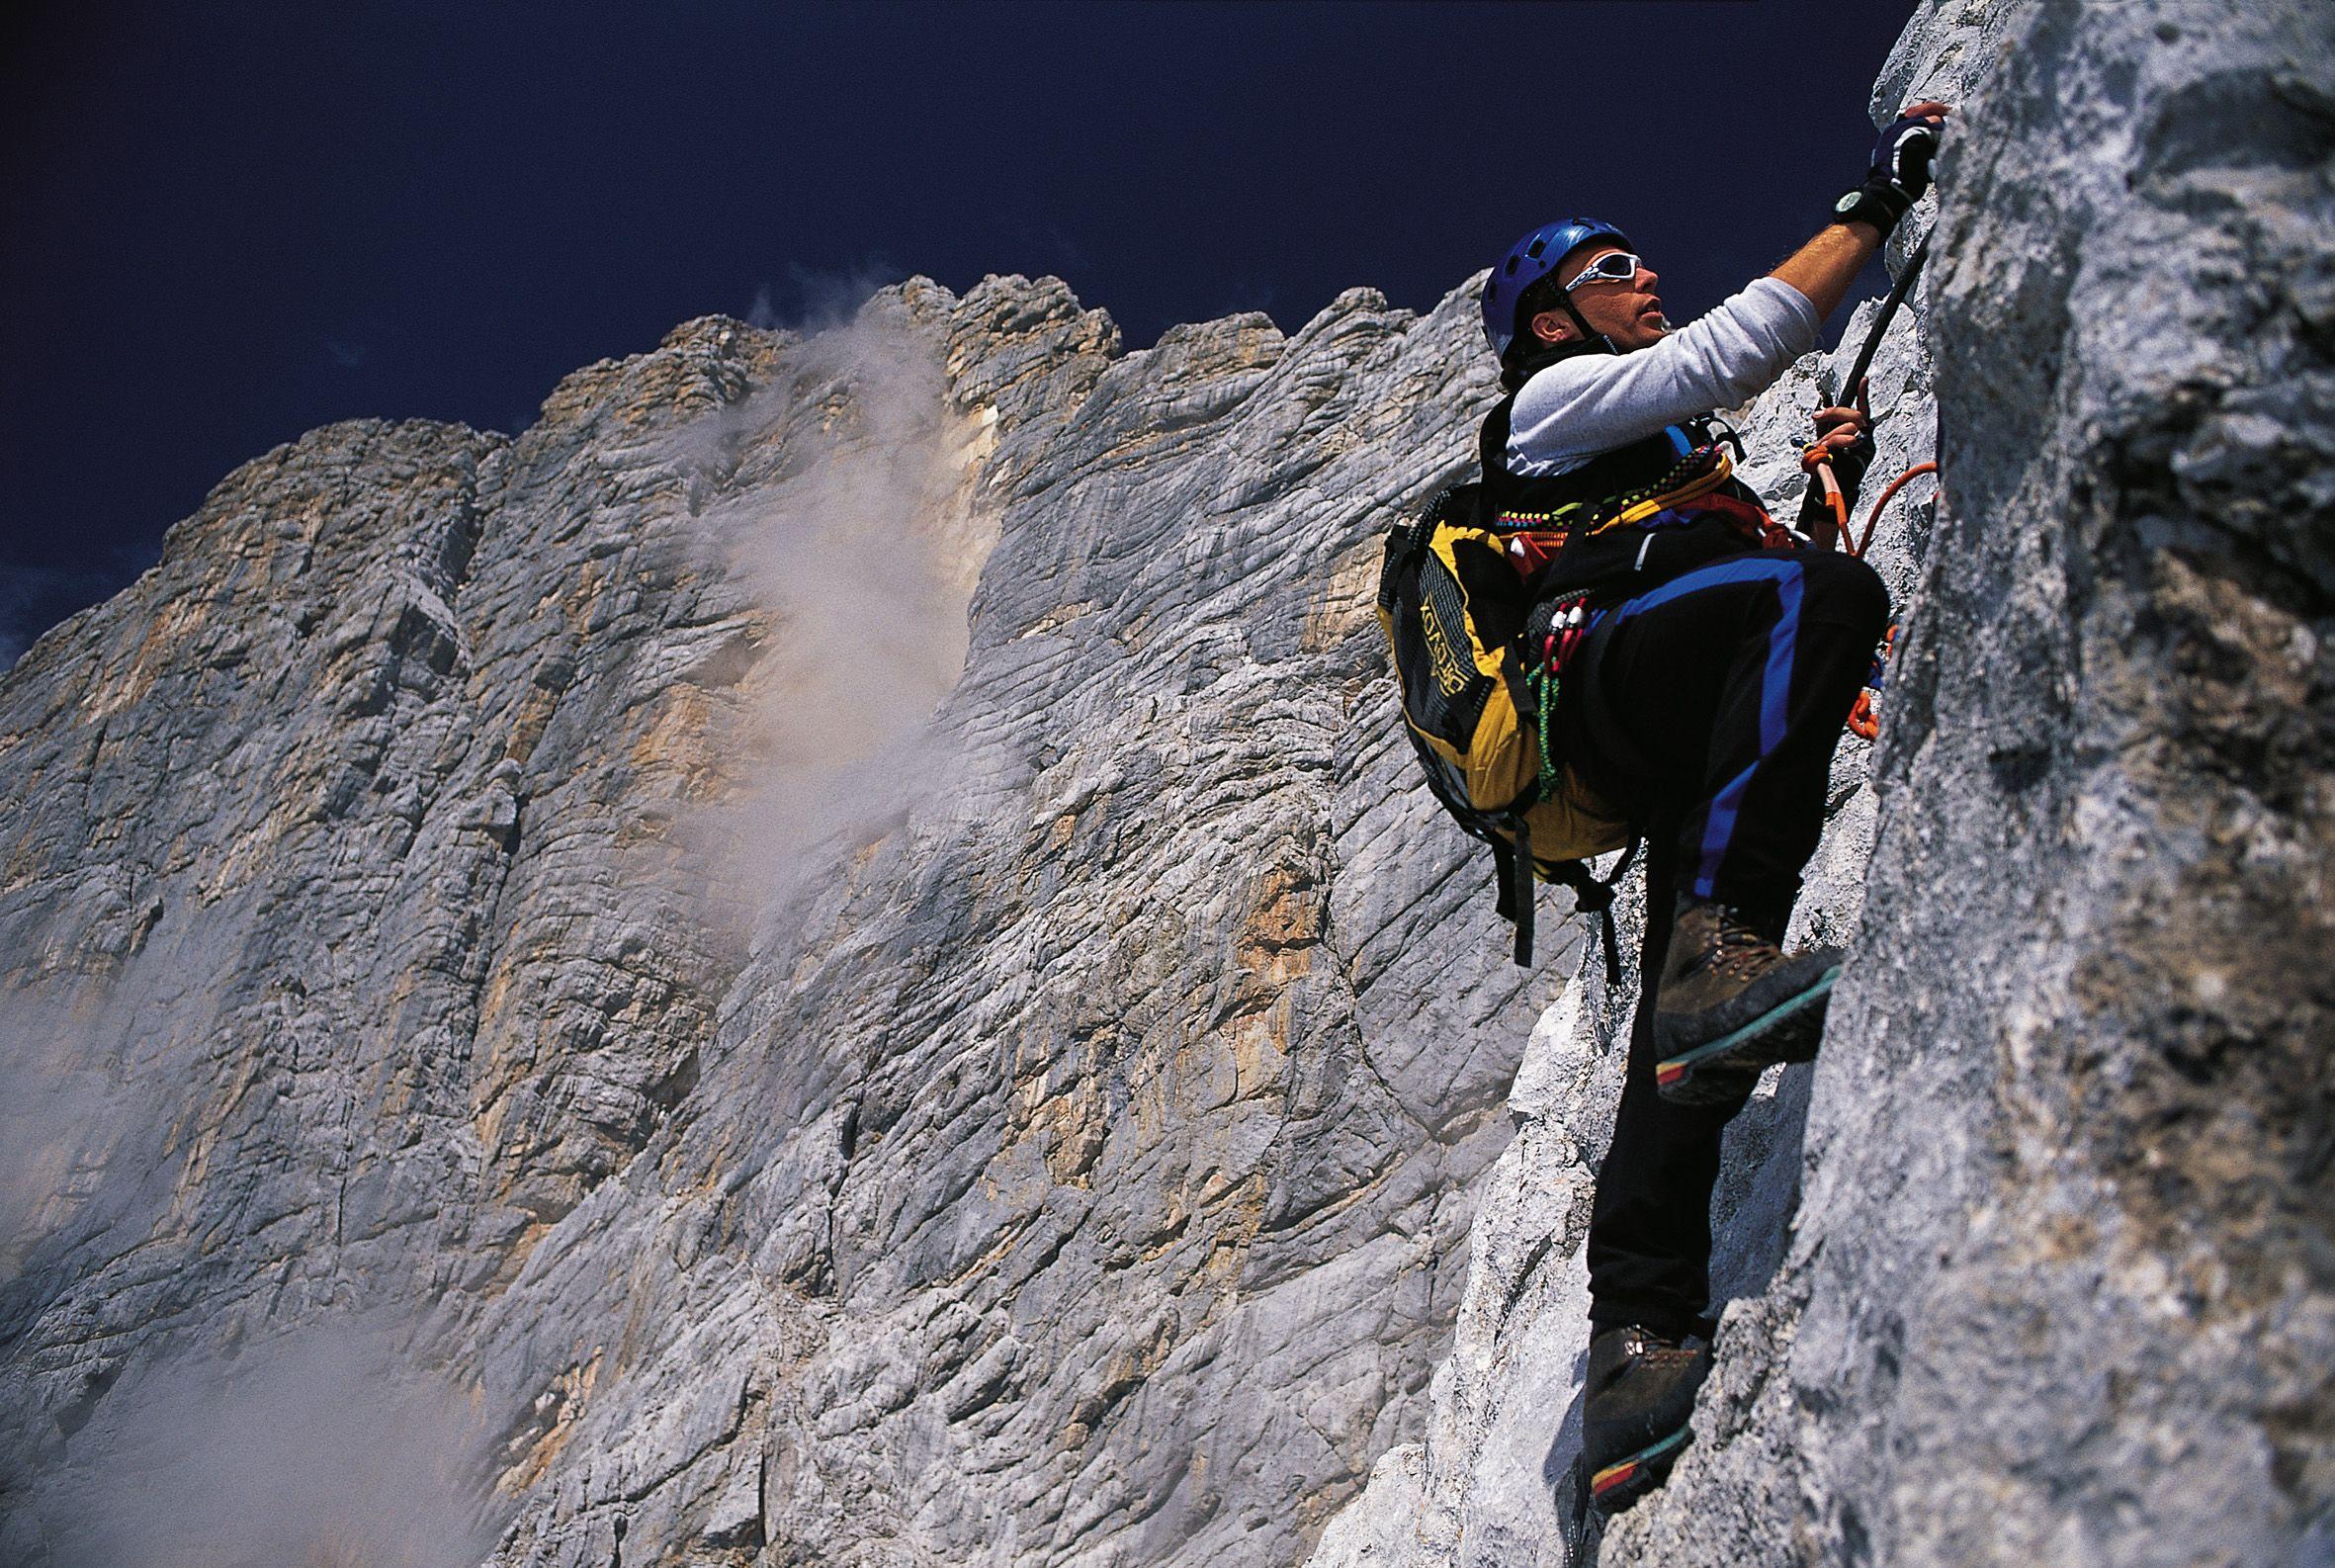 Klettersteig Johann Dachstein : Der johann klettersteig. amazing long and so vertical. #dachstein